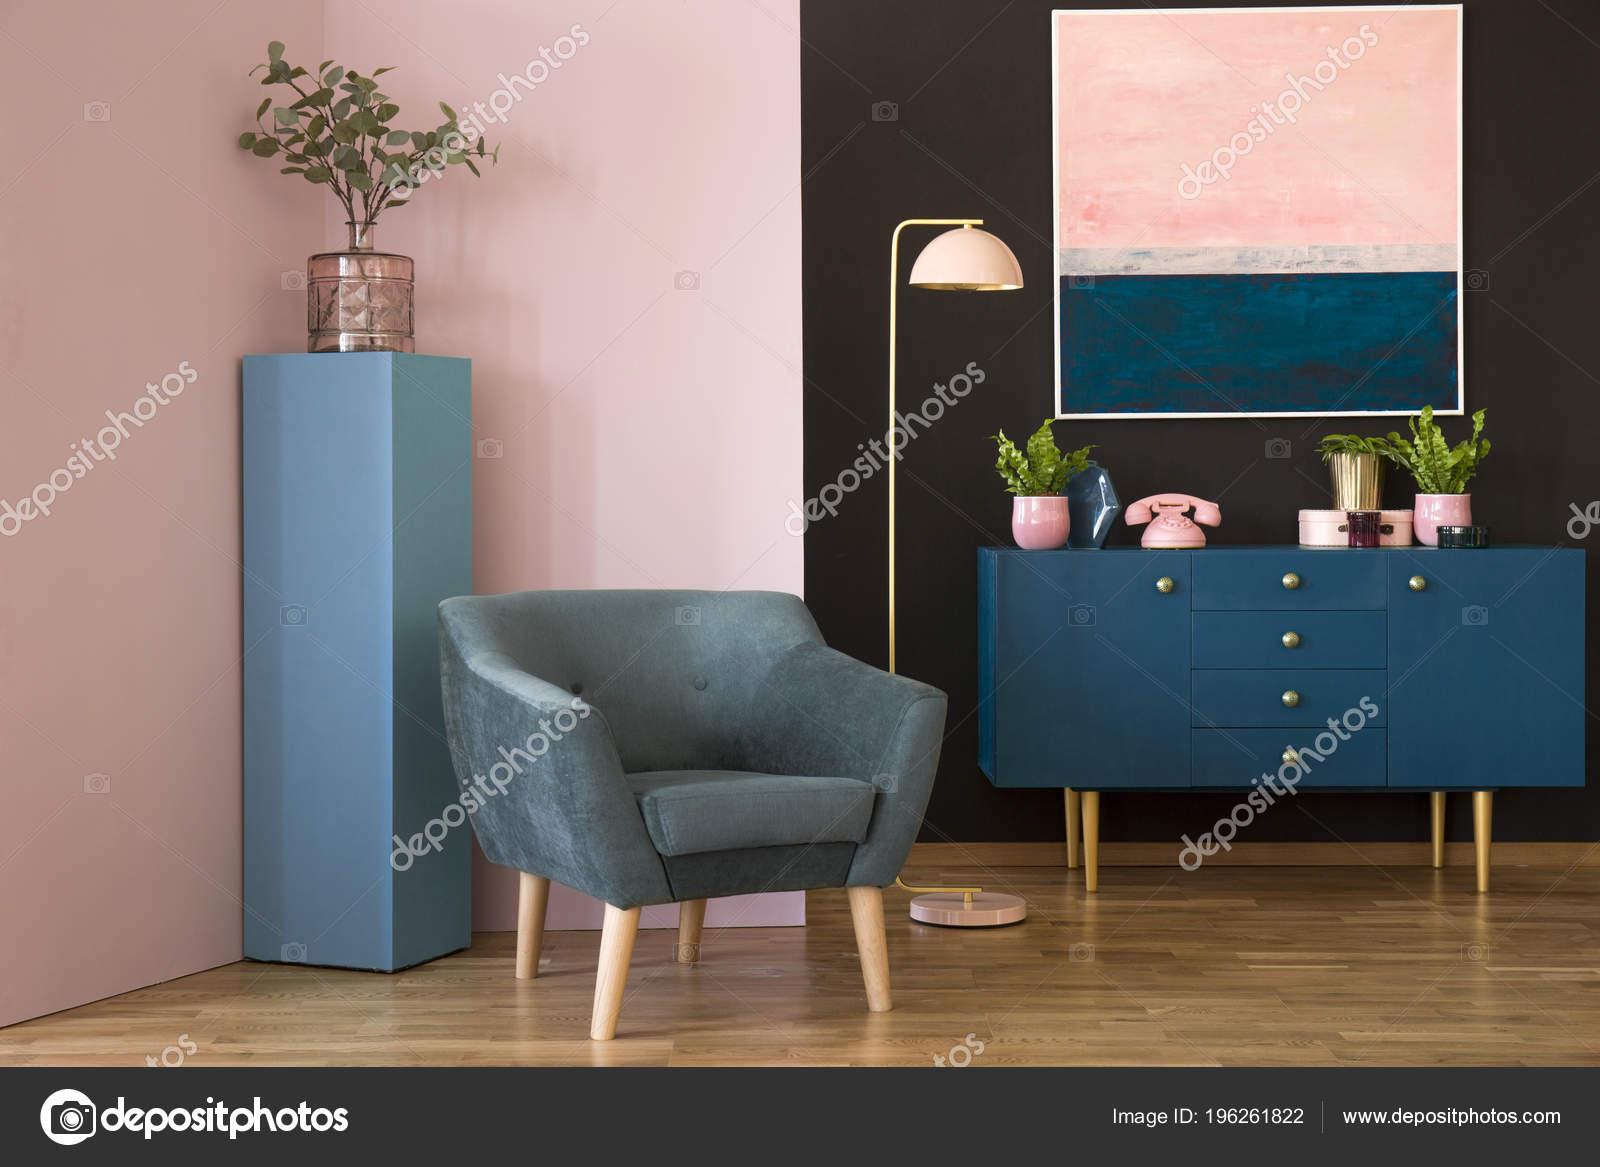 Blauem Wildleder Sessel Rosa Wand Wohnzimmer Interieur Mit Schrank ...